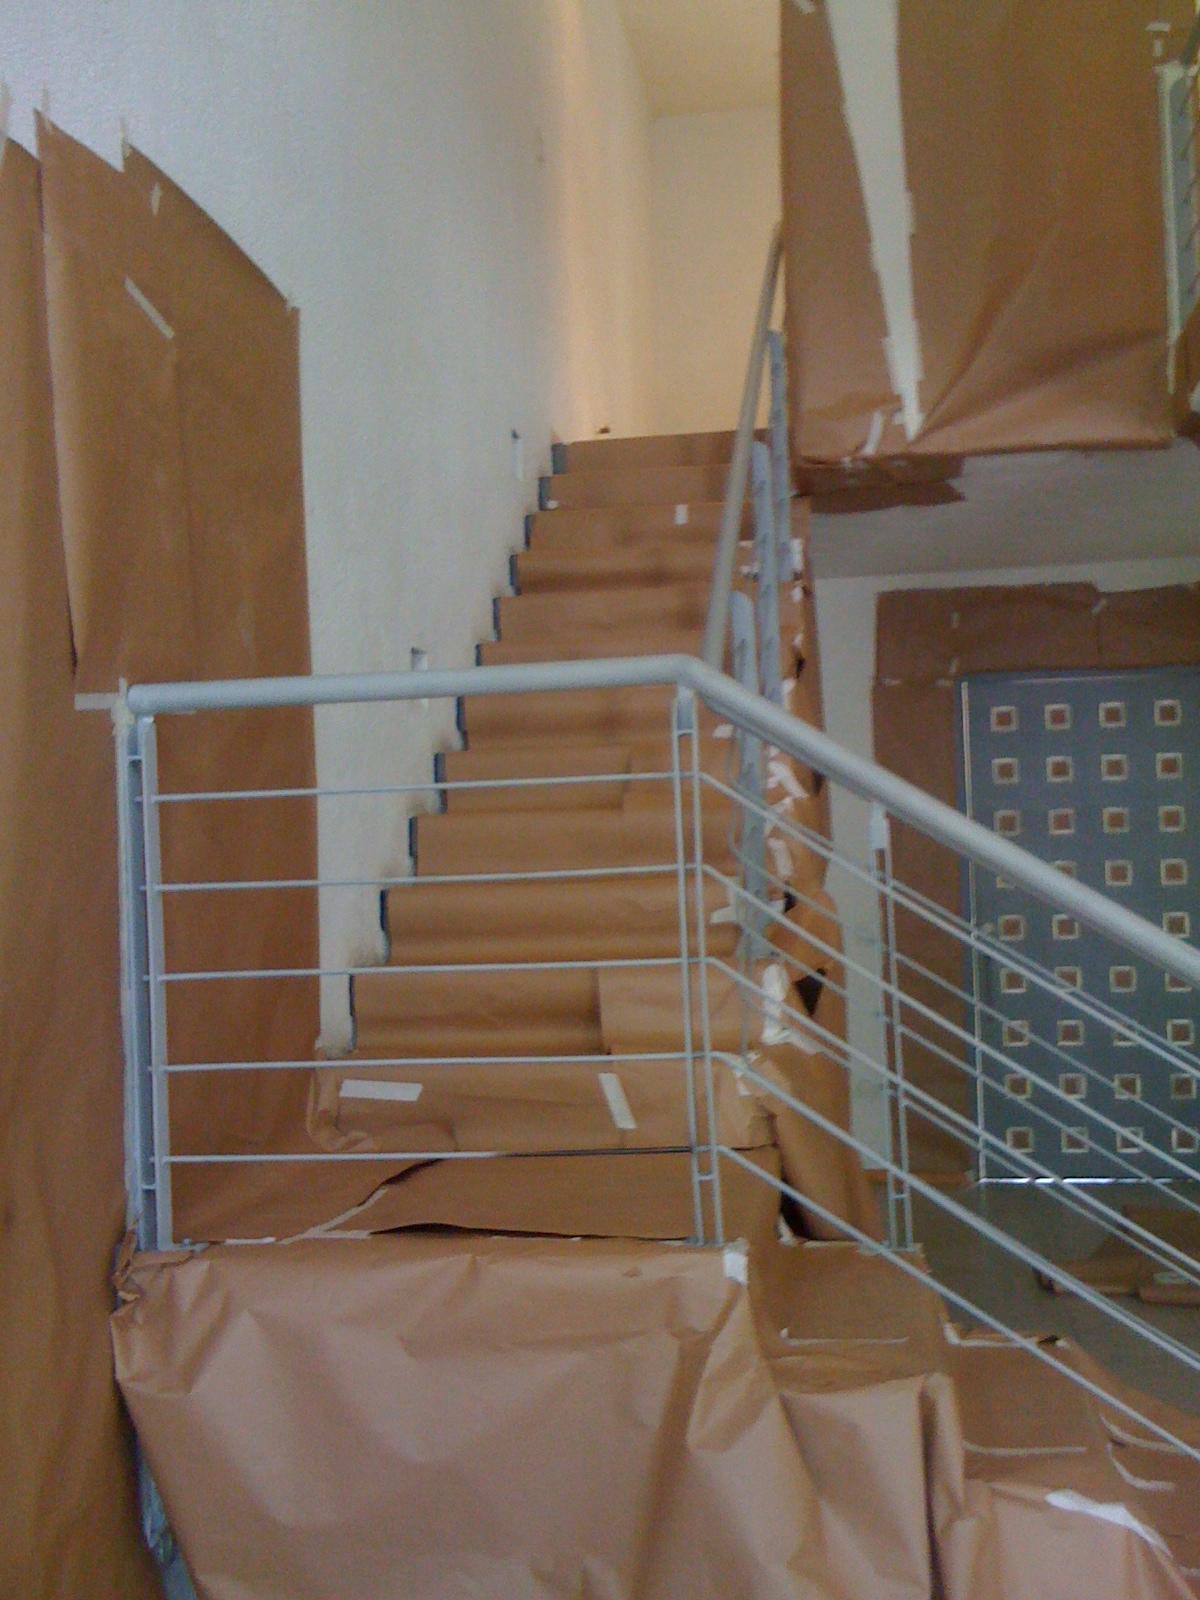 ... barandales de escalera y pasillo en planta alta, barandales de